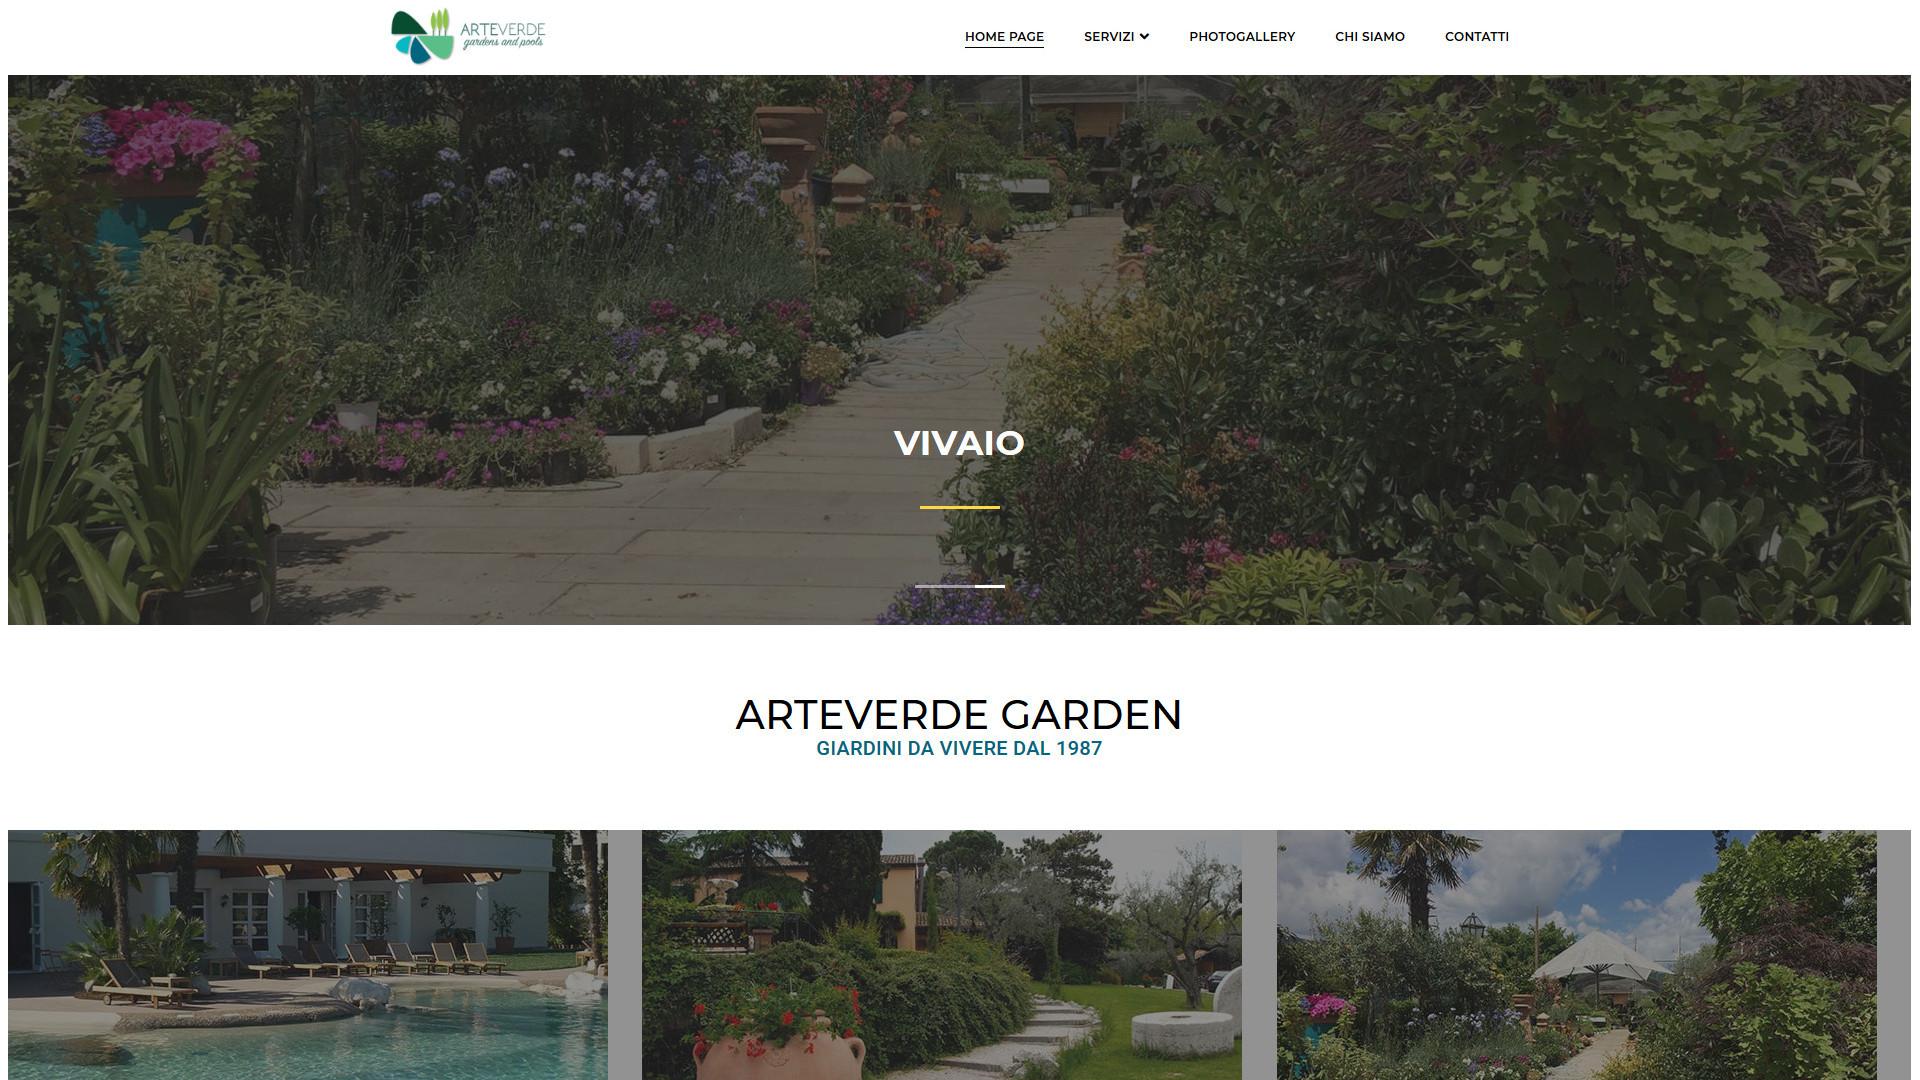 Vivaio con tantissimi fiori e giardini creati da ArteVerde Garden